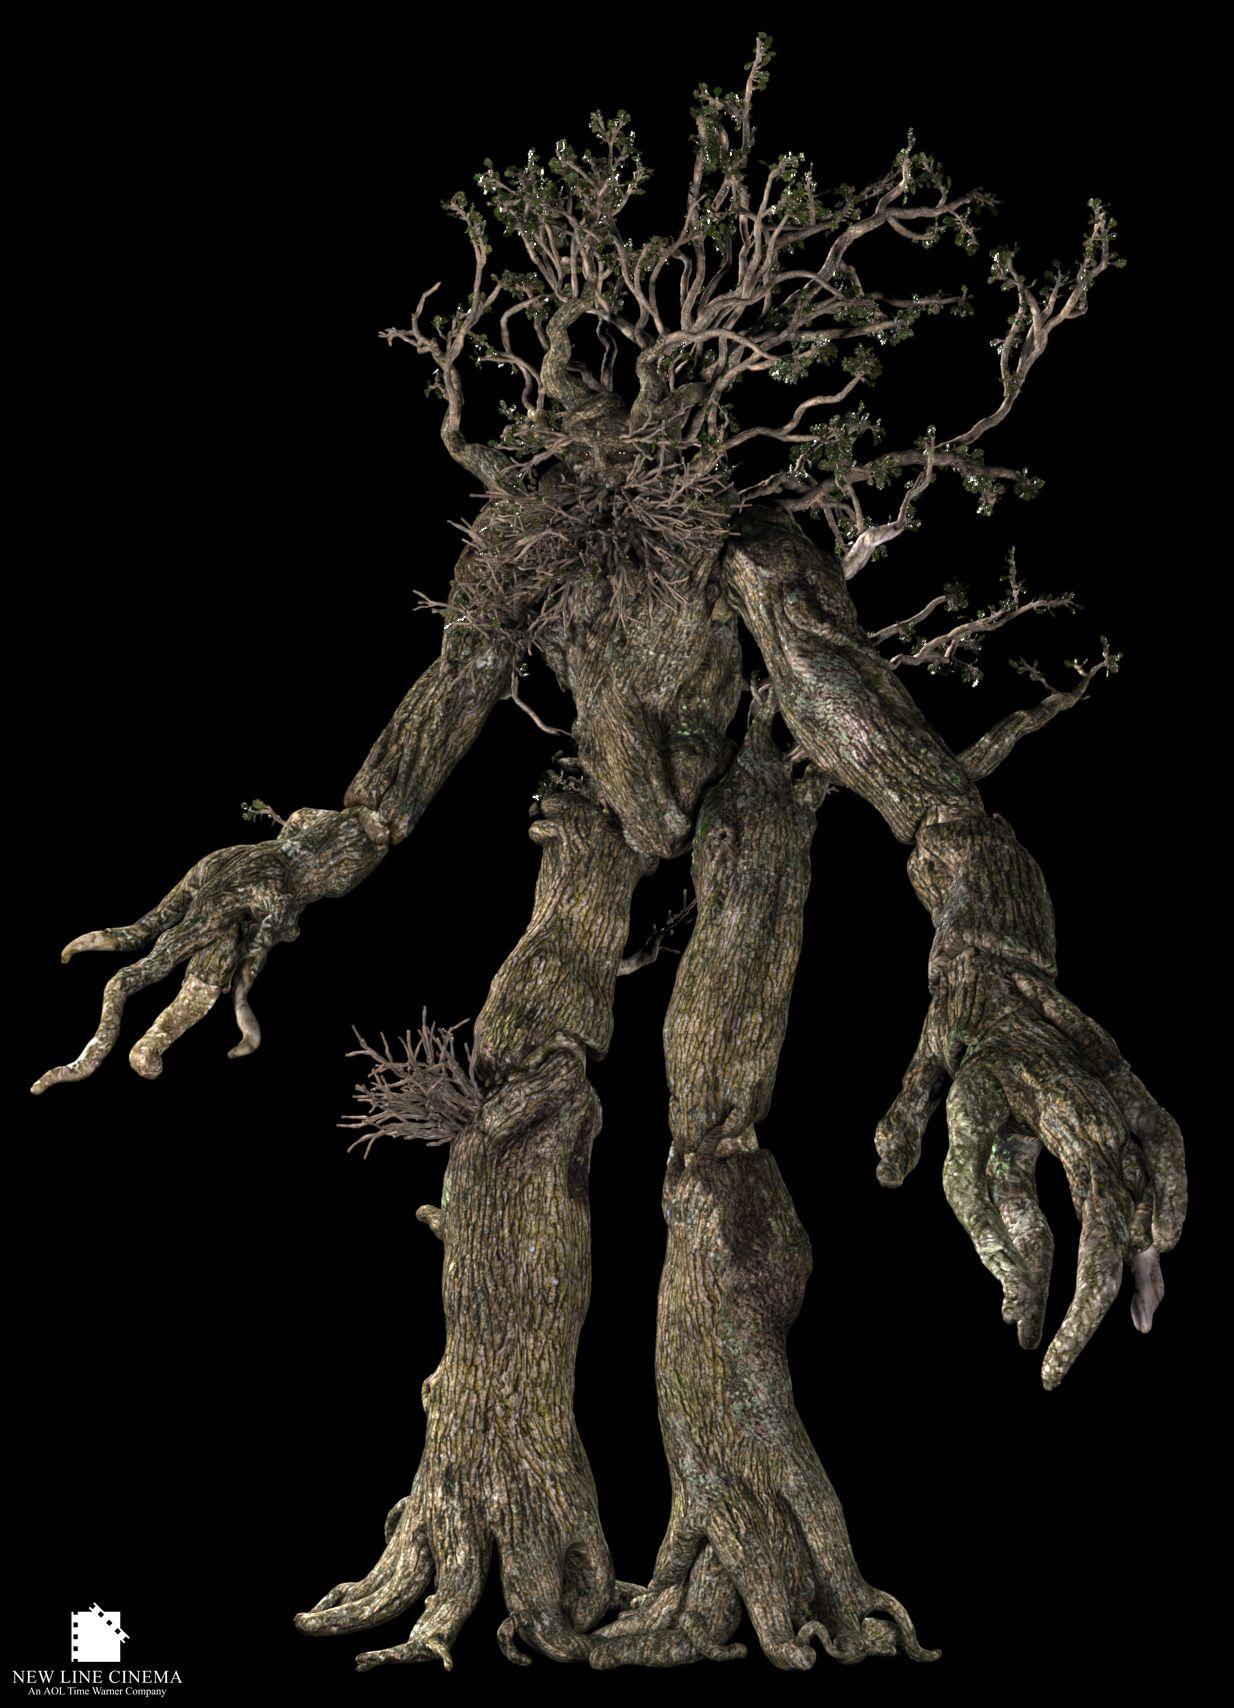 дерево из властелина колец фото пропускают через мясорубку